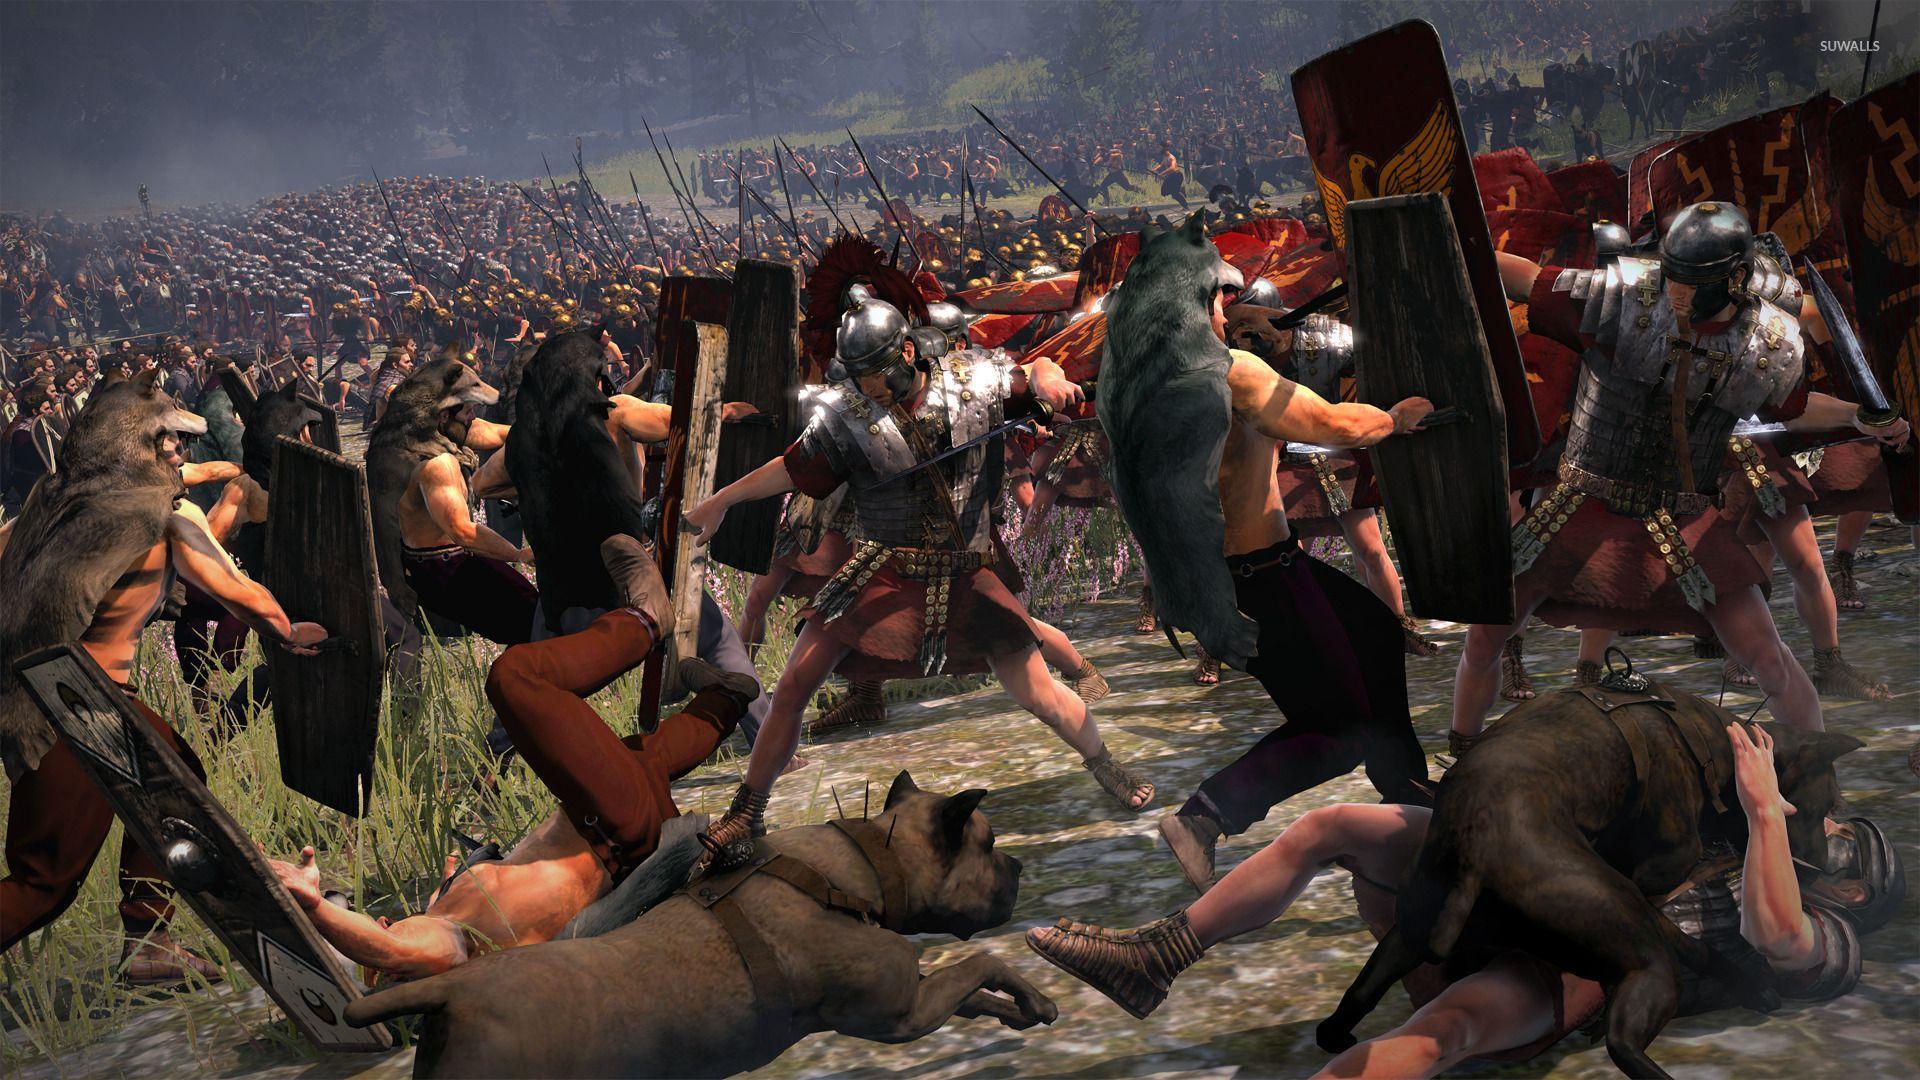 Rome 2 Total War Wallpapers Top Free Rome 2 Total War